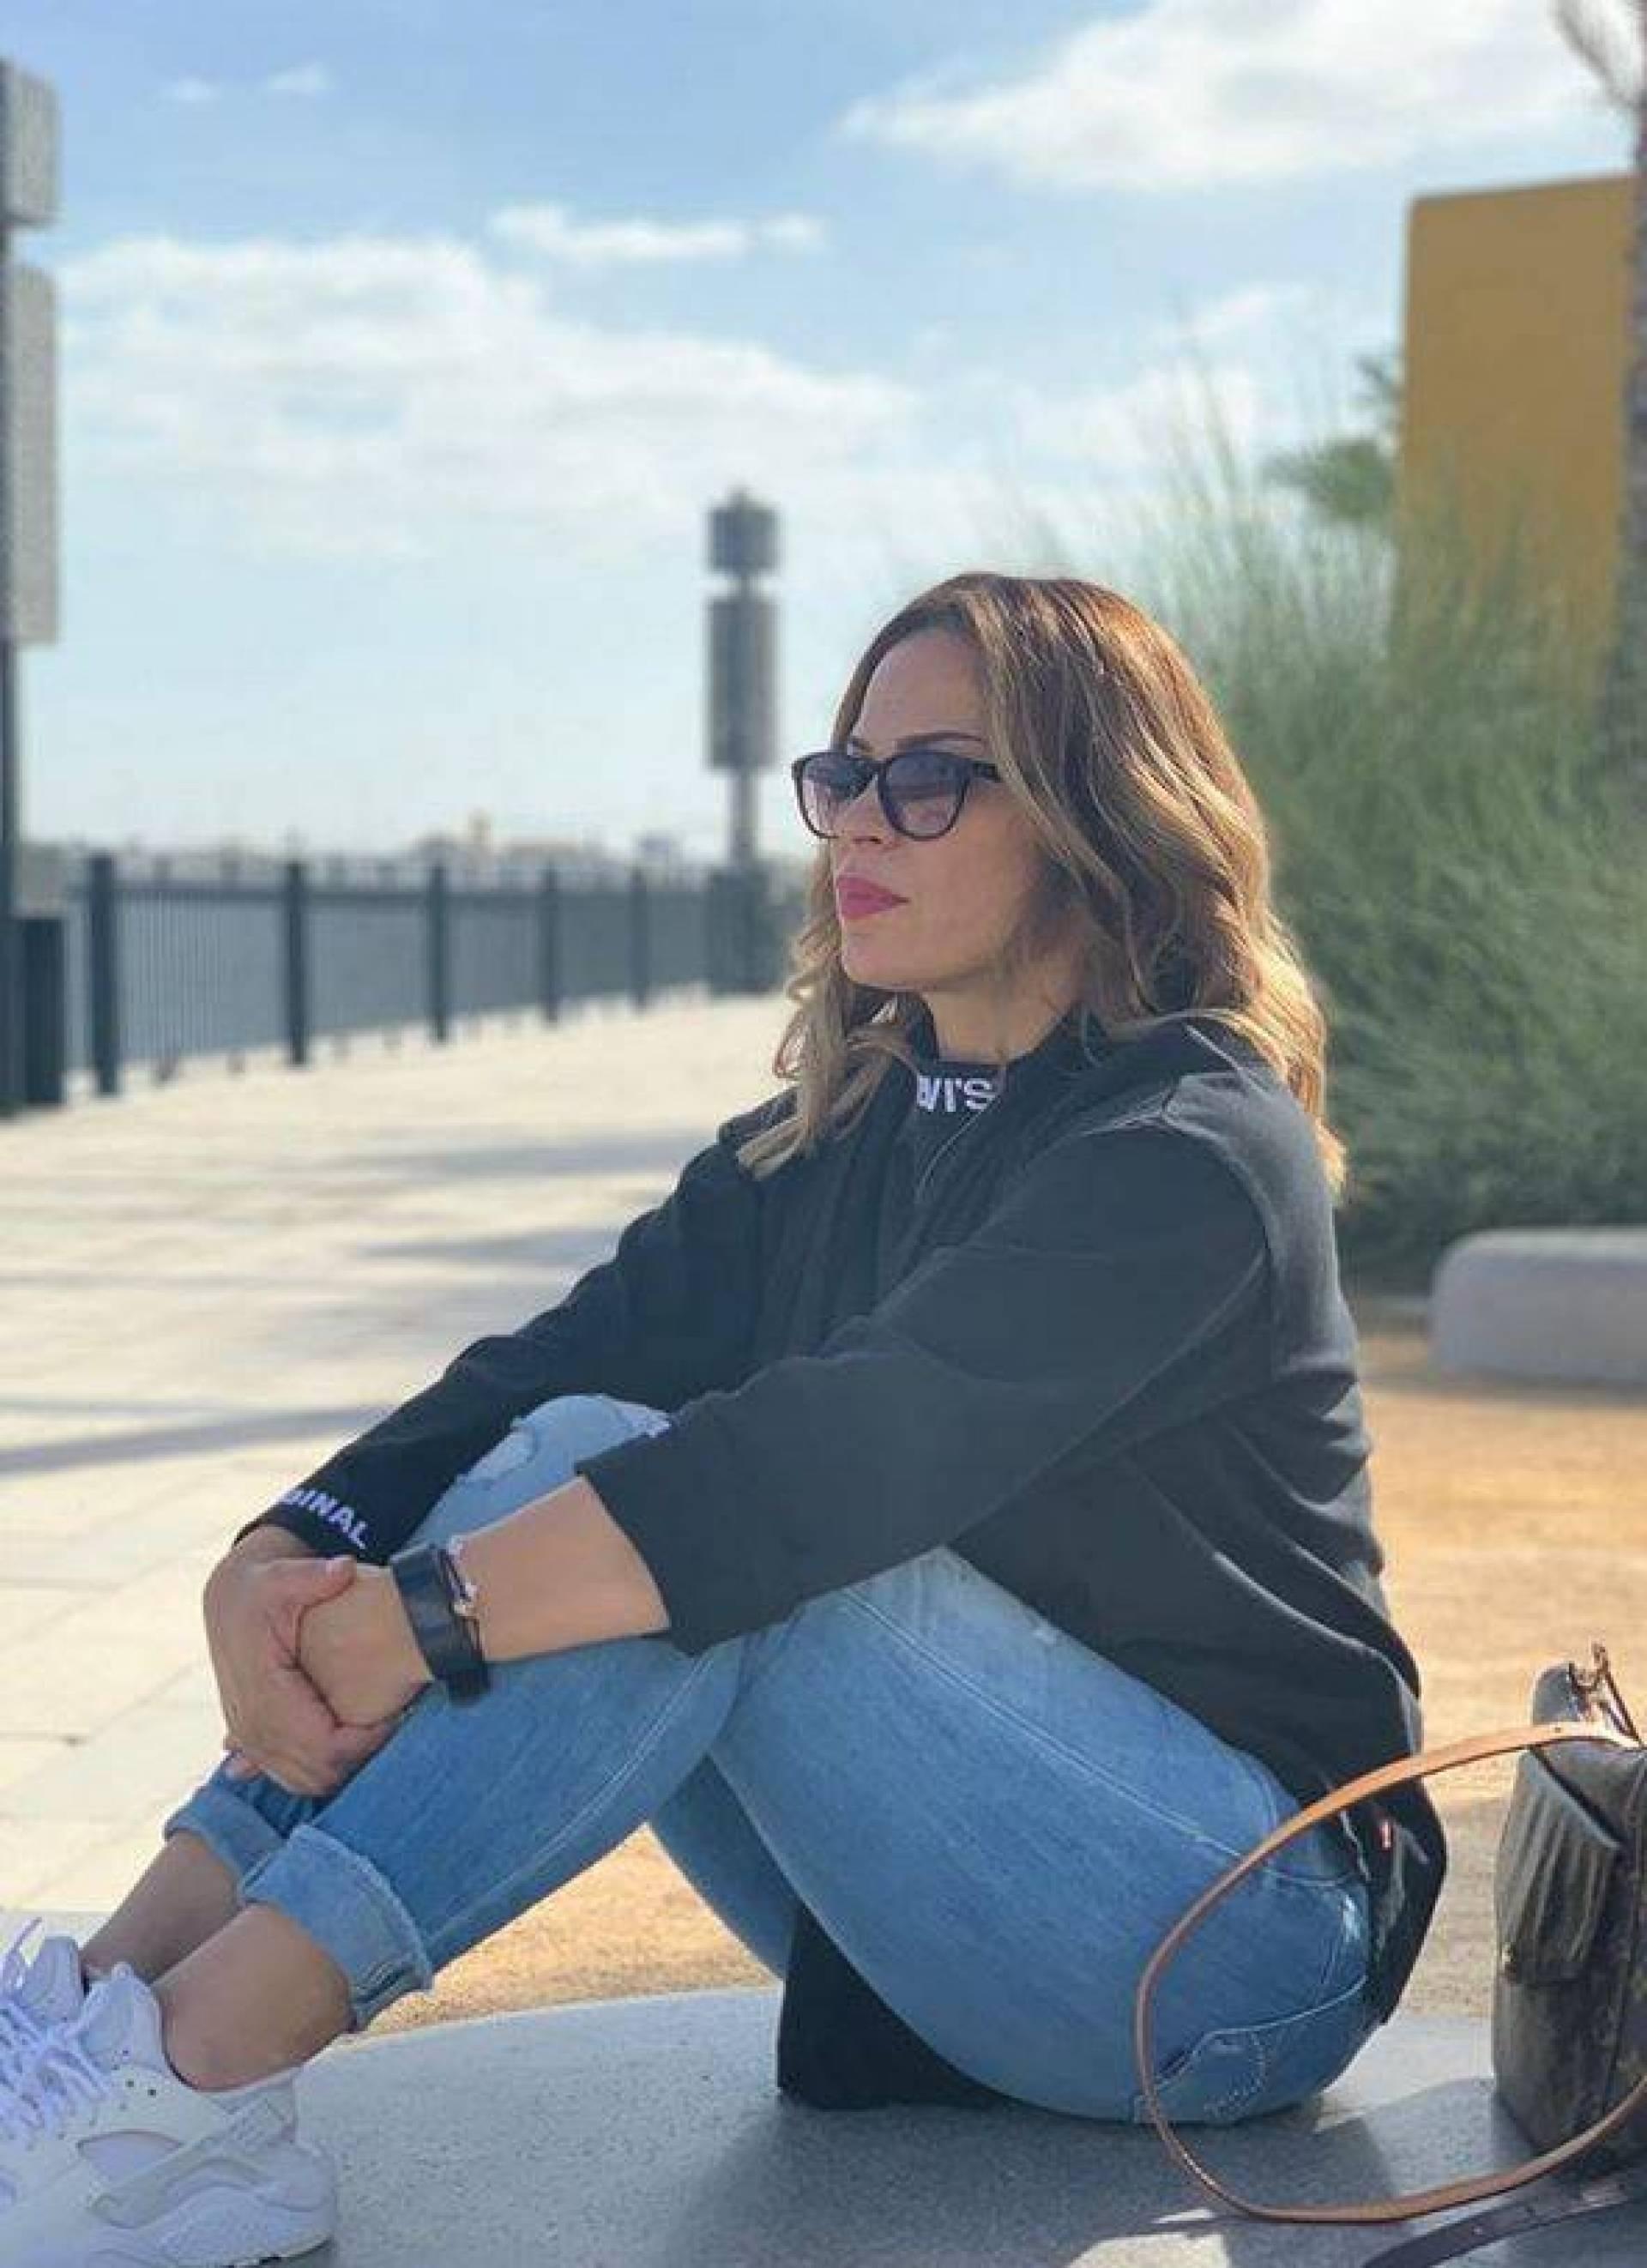 بالصورة –والدة حلا الترك تثير الحيرة بما فعلته مع ابنها... هل انفصل عن شقيقته وشقيقه؟